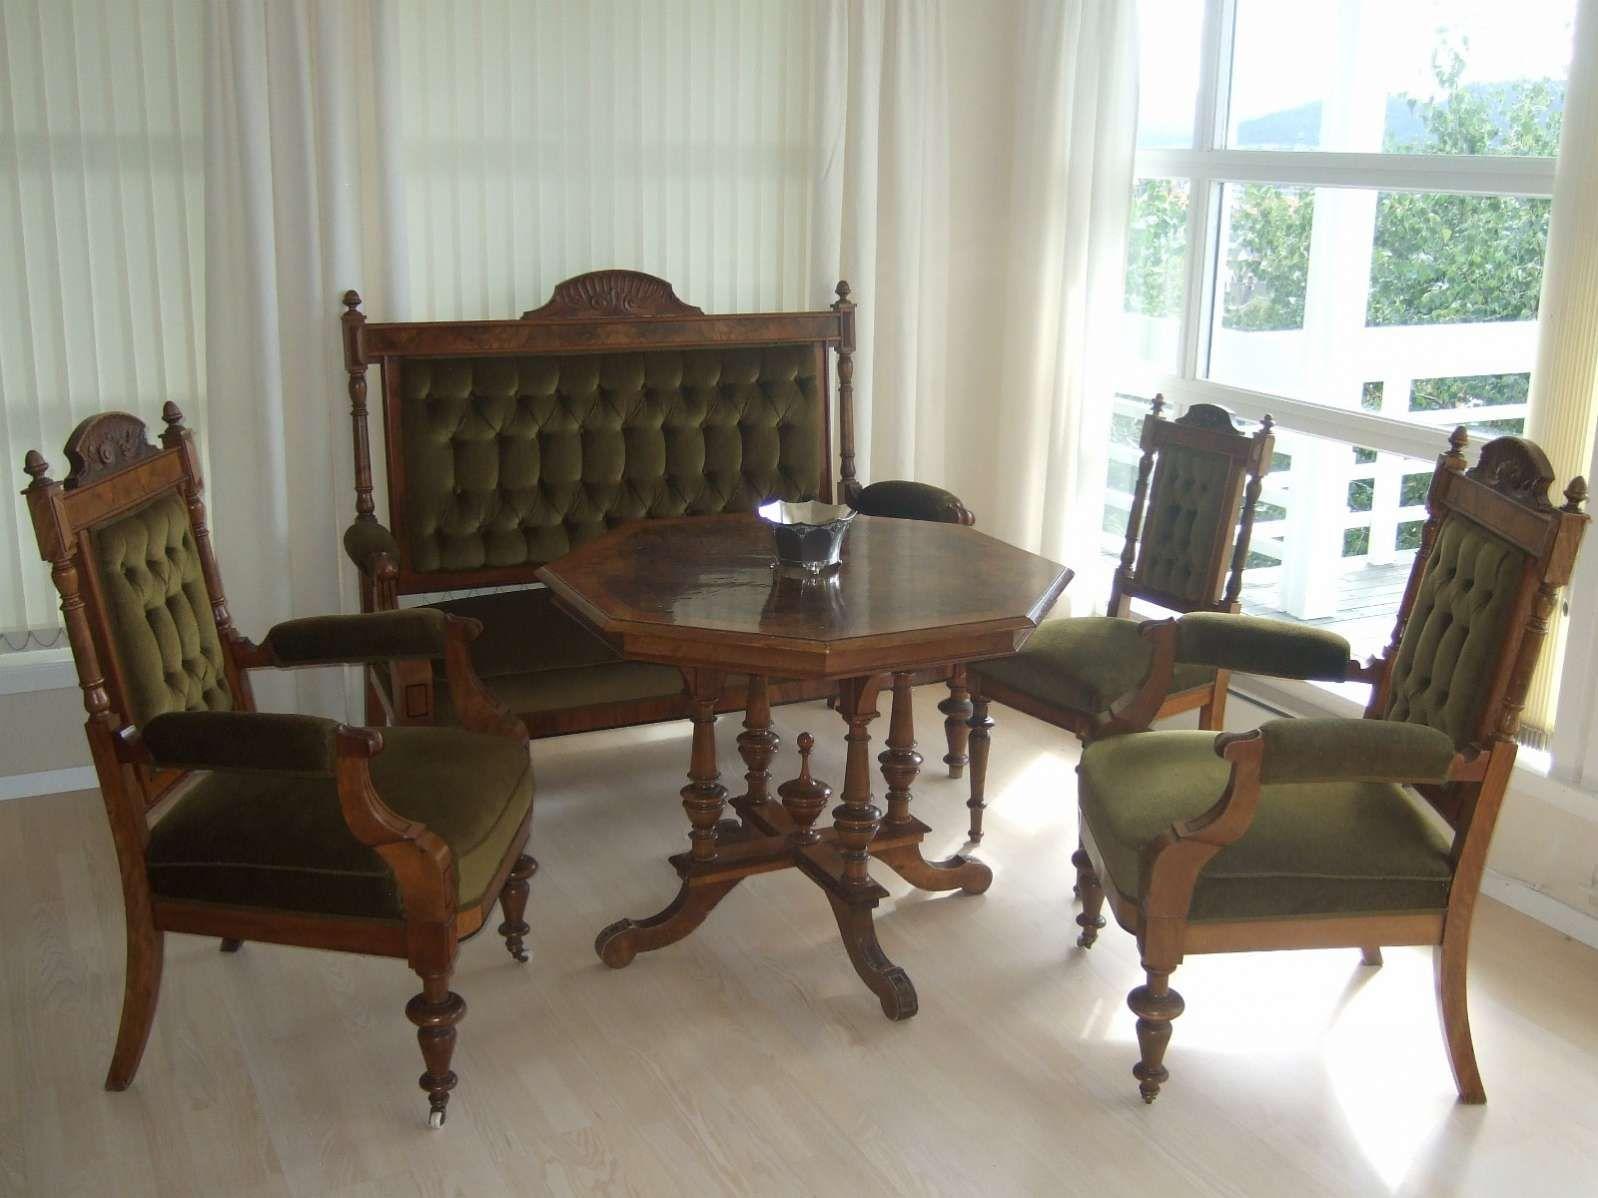 FINN – Ny pris! Antikk salong i ekslusiv grønn velour